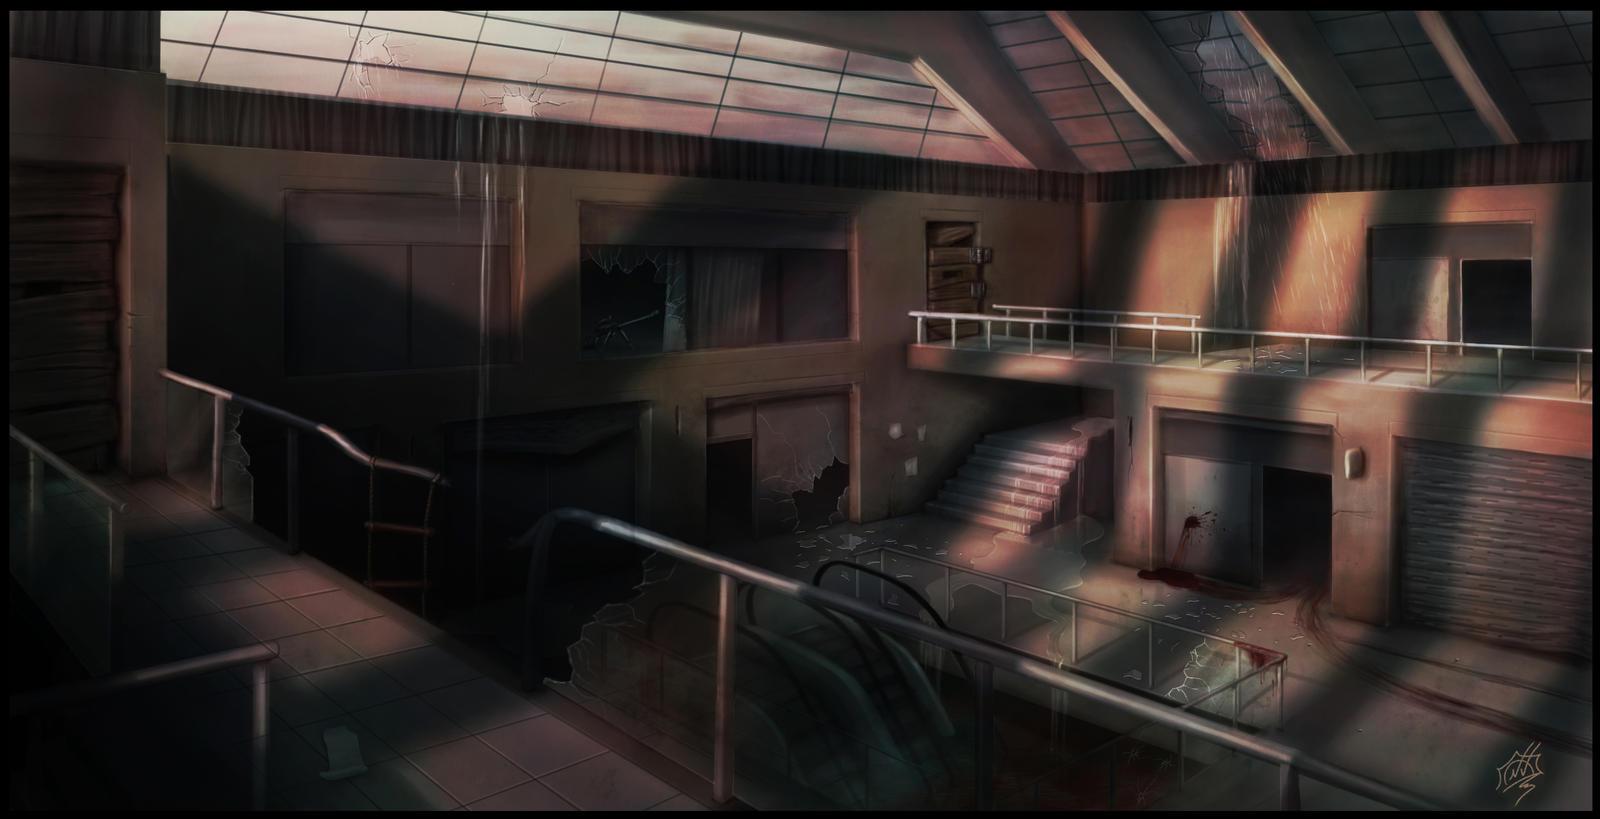 Zombie apocalypse mall by Snoeffel